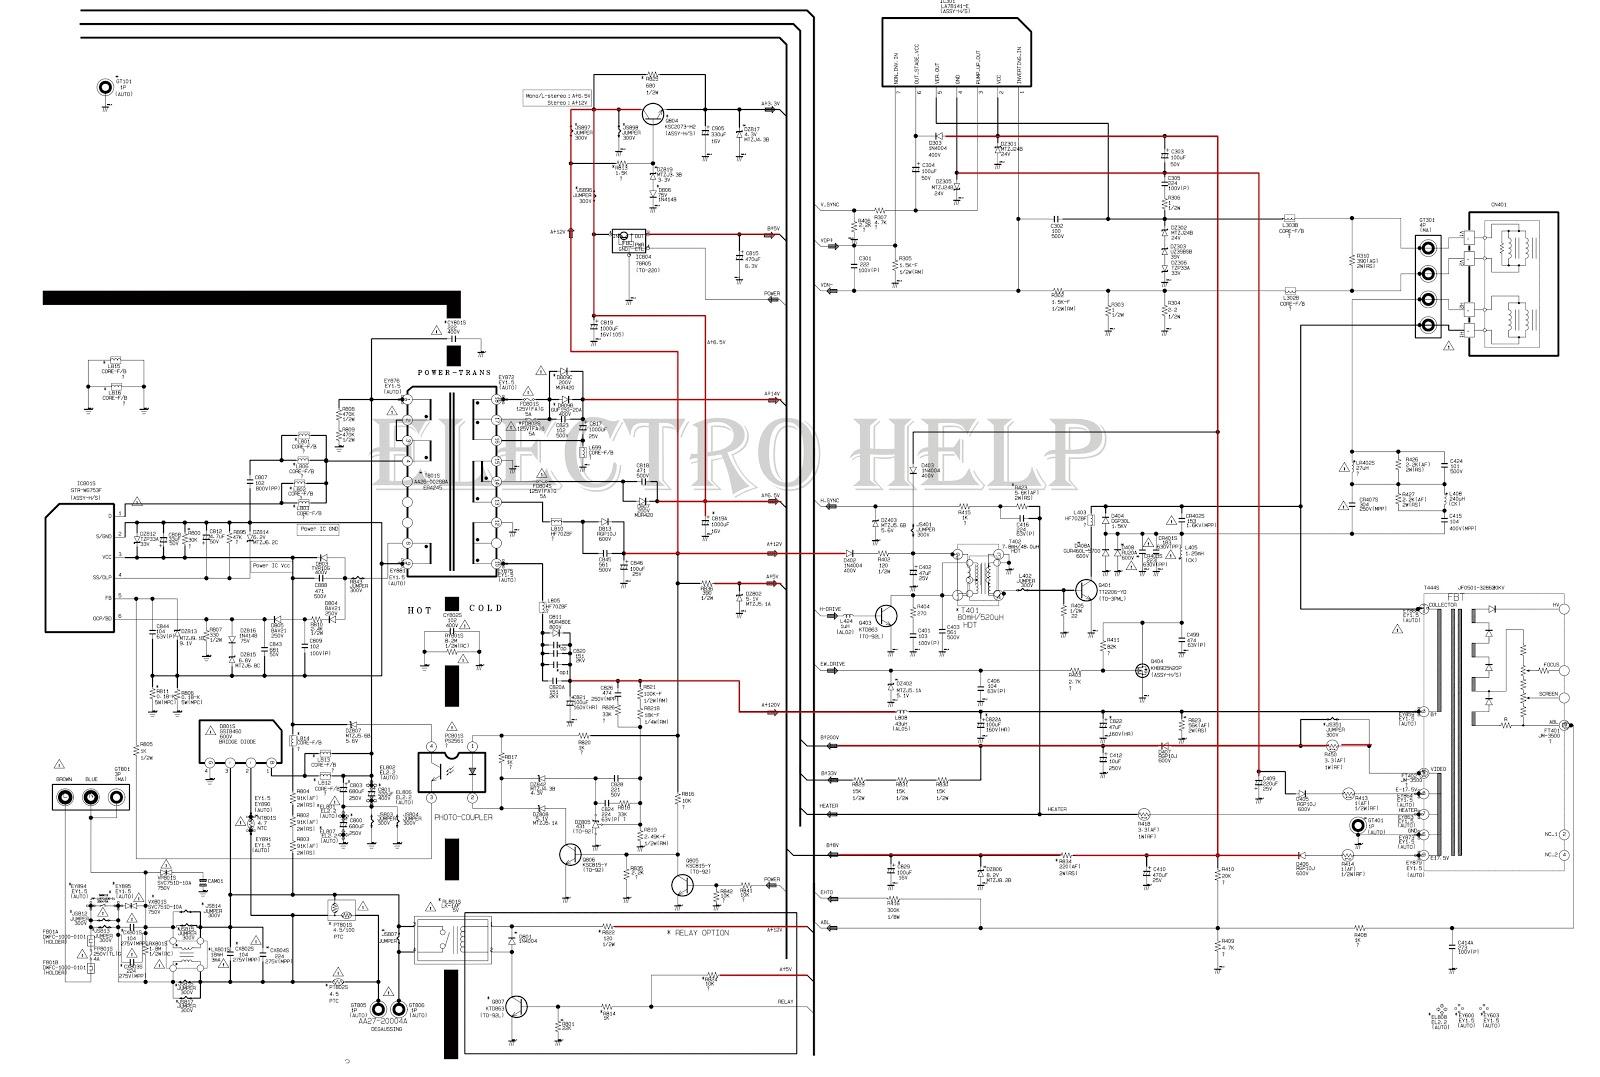 Electro Help Cl21a551 Samsung Crt Tv Circuit Diagram